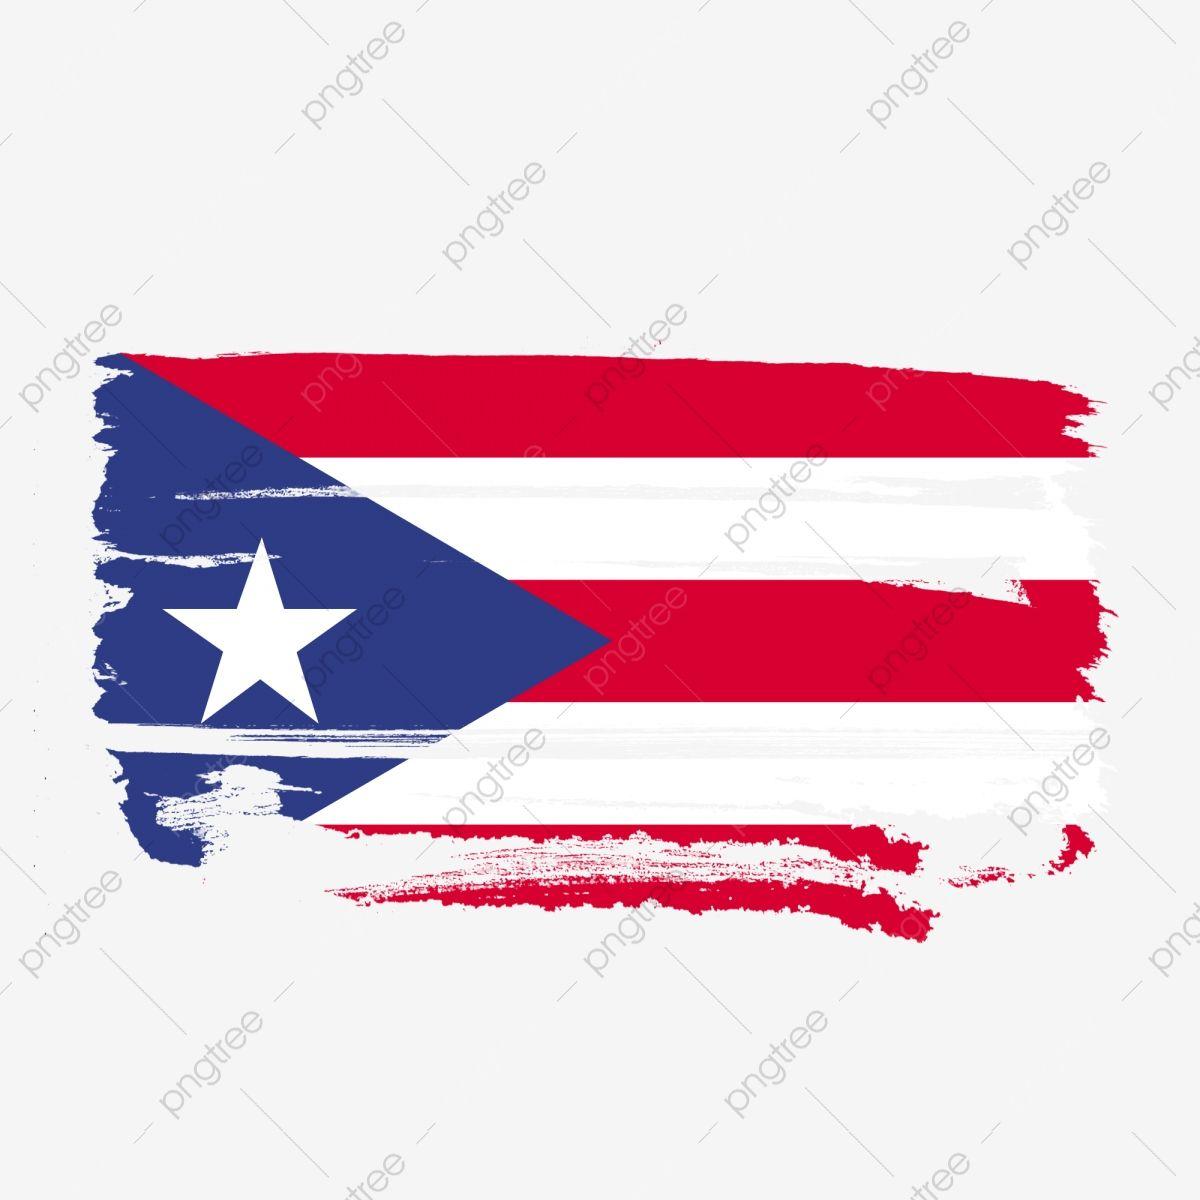 Bandera De Puerto Rico Transparente Con Pincel De Acuarela Puetro Rico Bandera De Puetro Rico Vector De Bandera De Puetro Rico Png Y Psd Para Descargar Grati Bandera De Puerto Rico